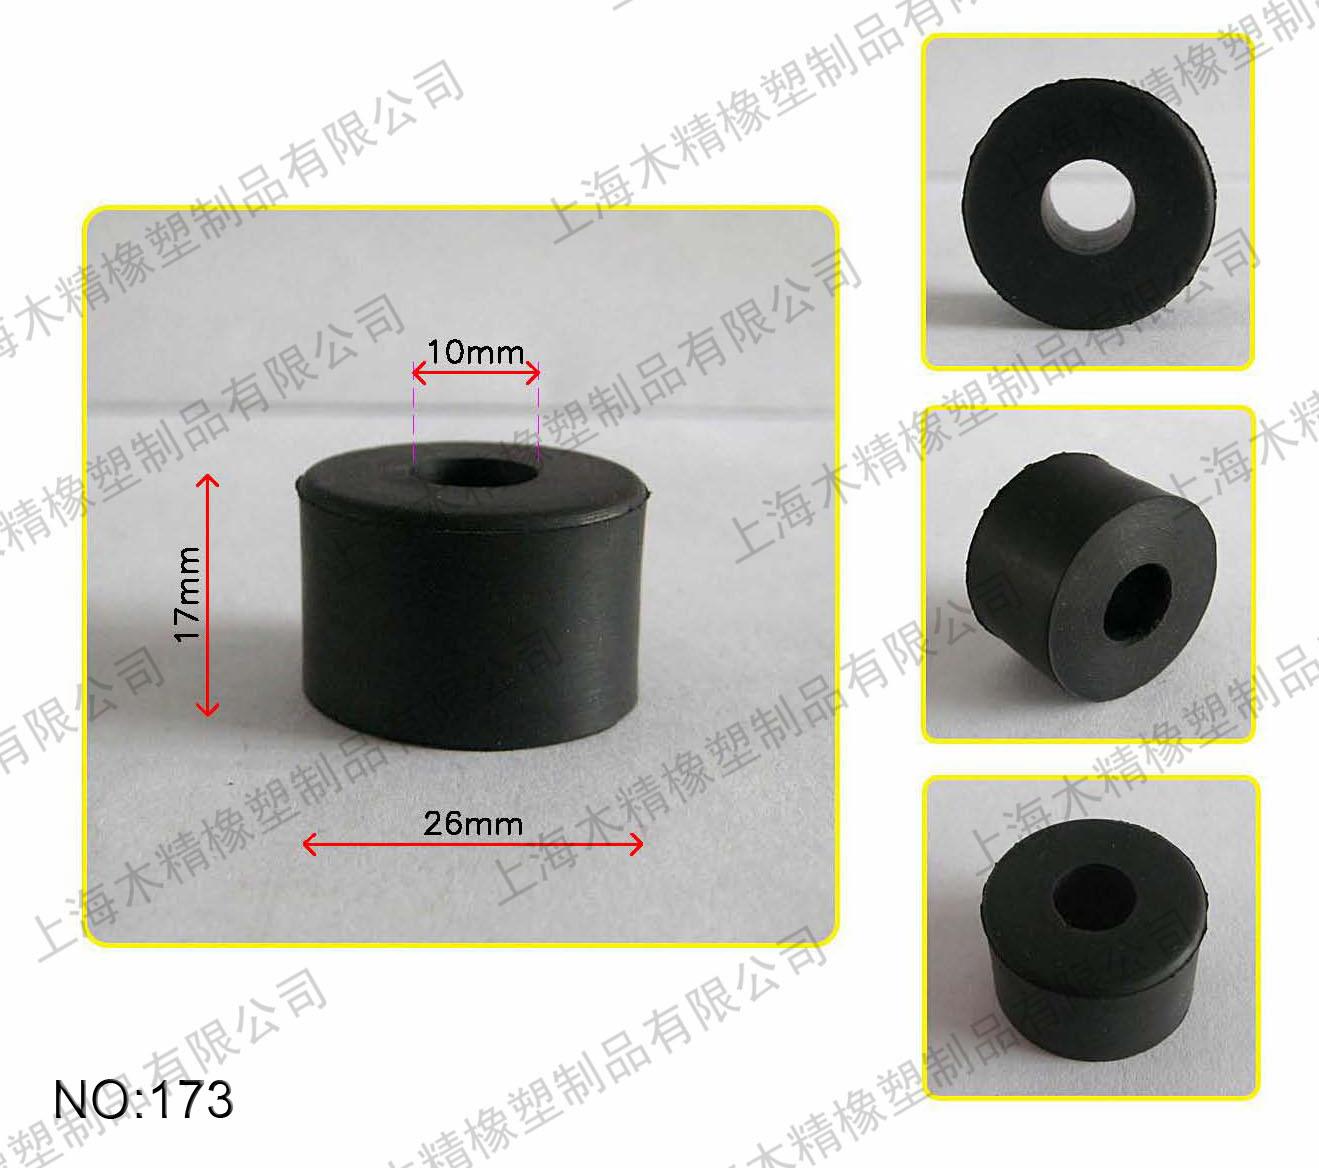 Gummidichtungen, ex - stecker, in ROLLEN, 26X10X17 zylindrische kissen